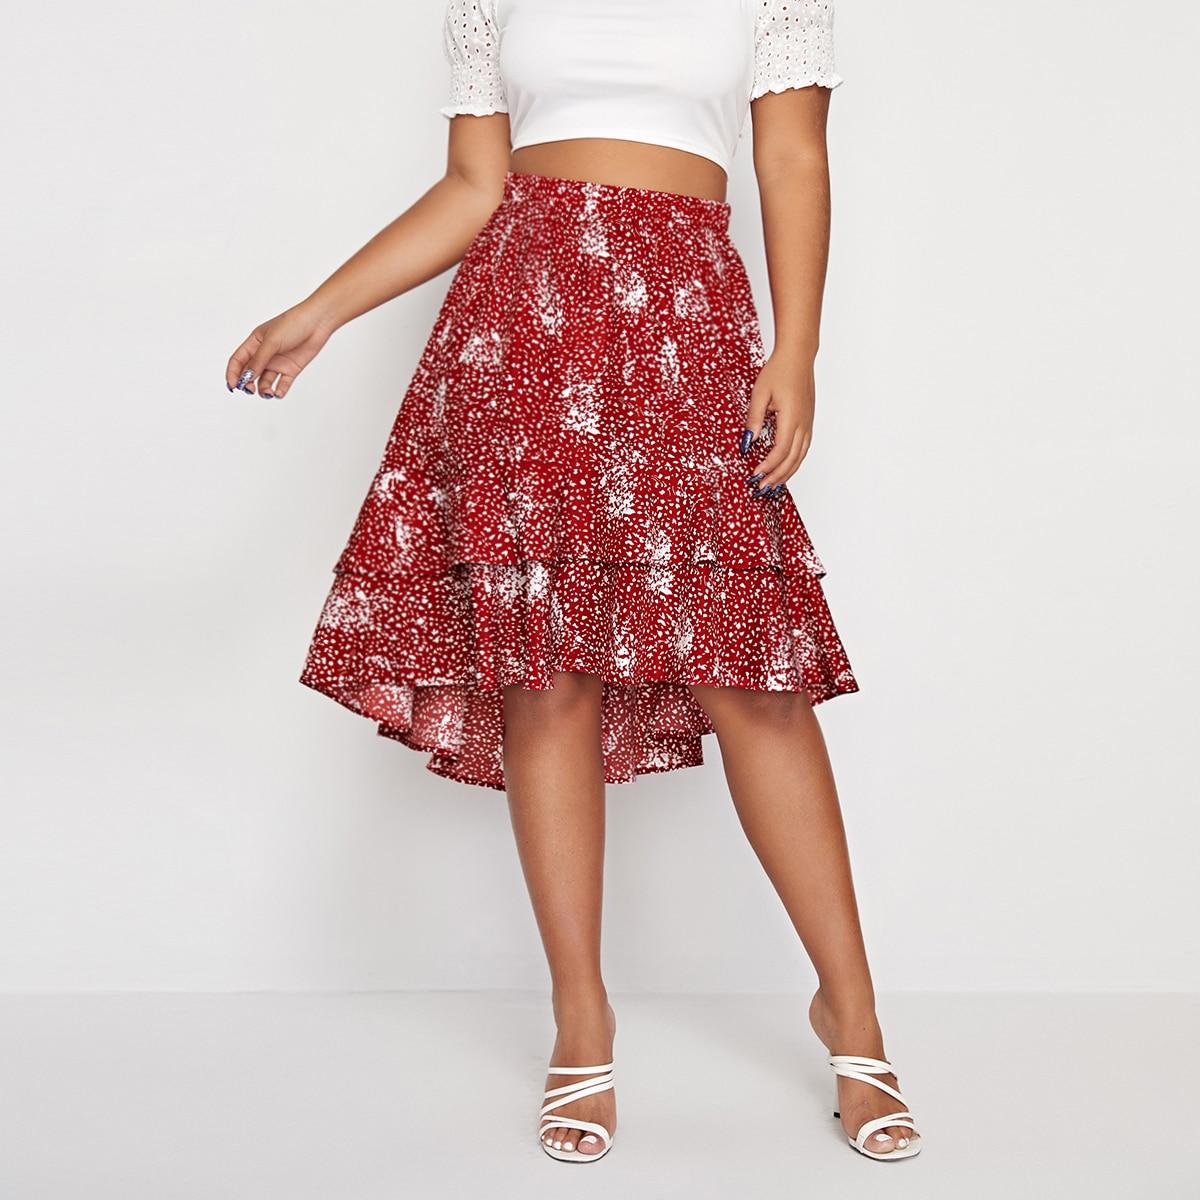 Асимметричная юбка размера плюс с принтом